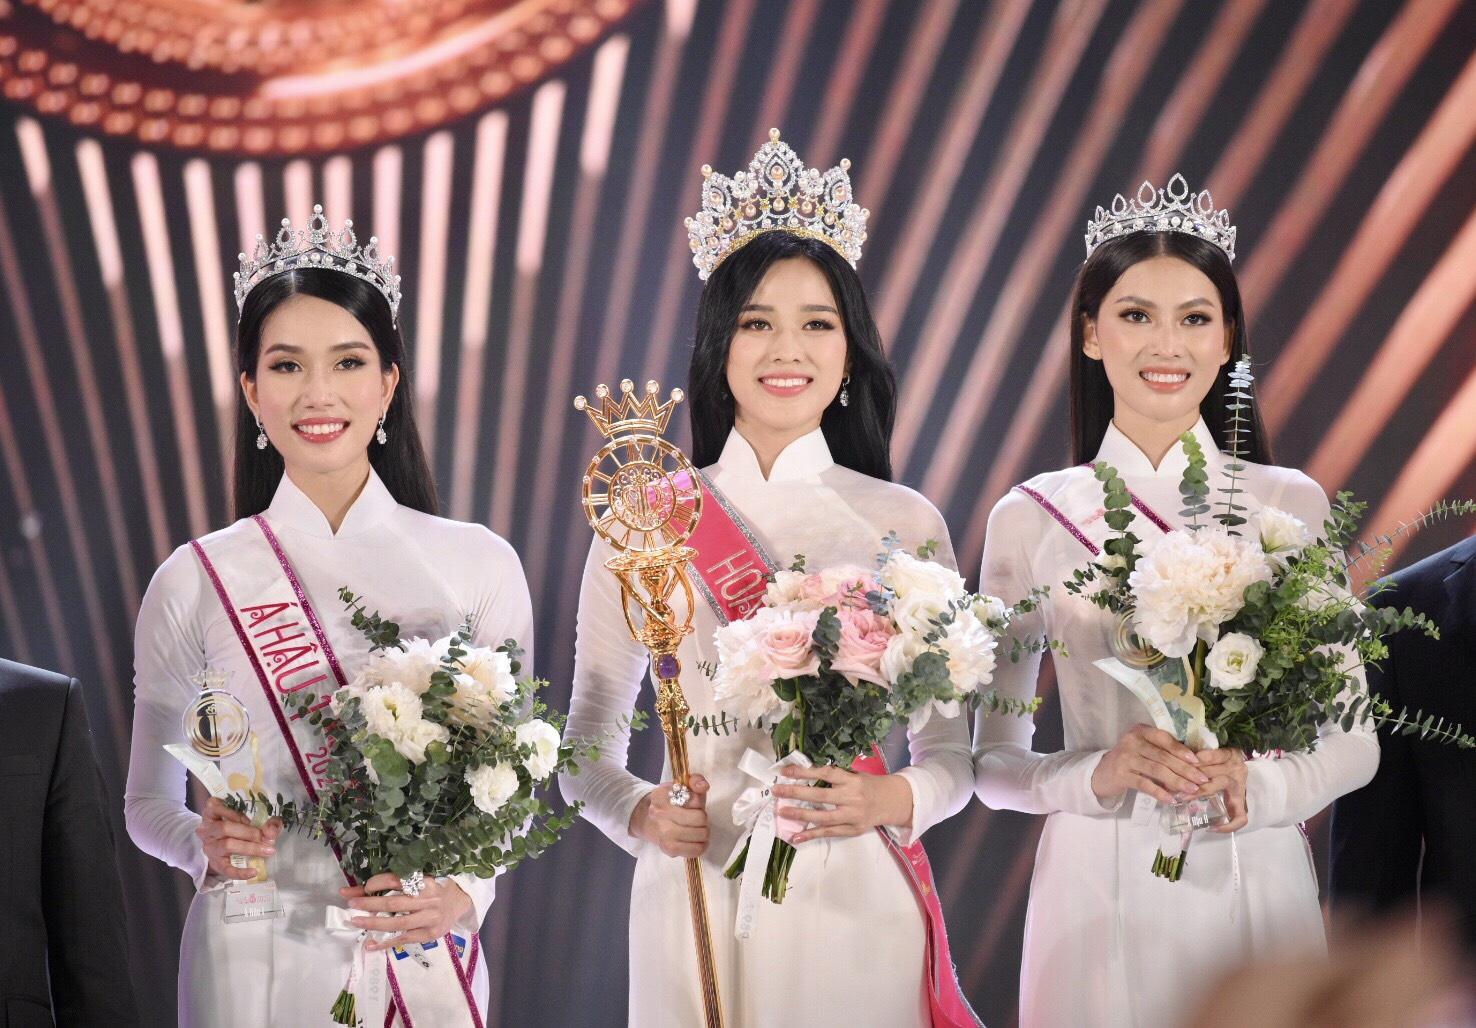 Top 3 Hoa hậu Việt Nam 2020 với nhan sắc xinh đẹp, cuốn hút